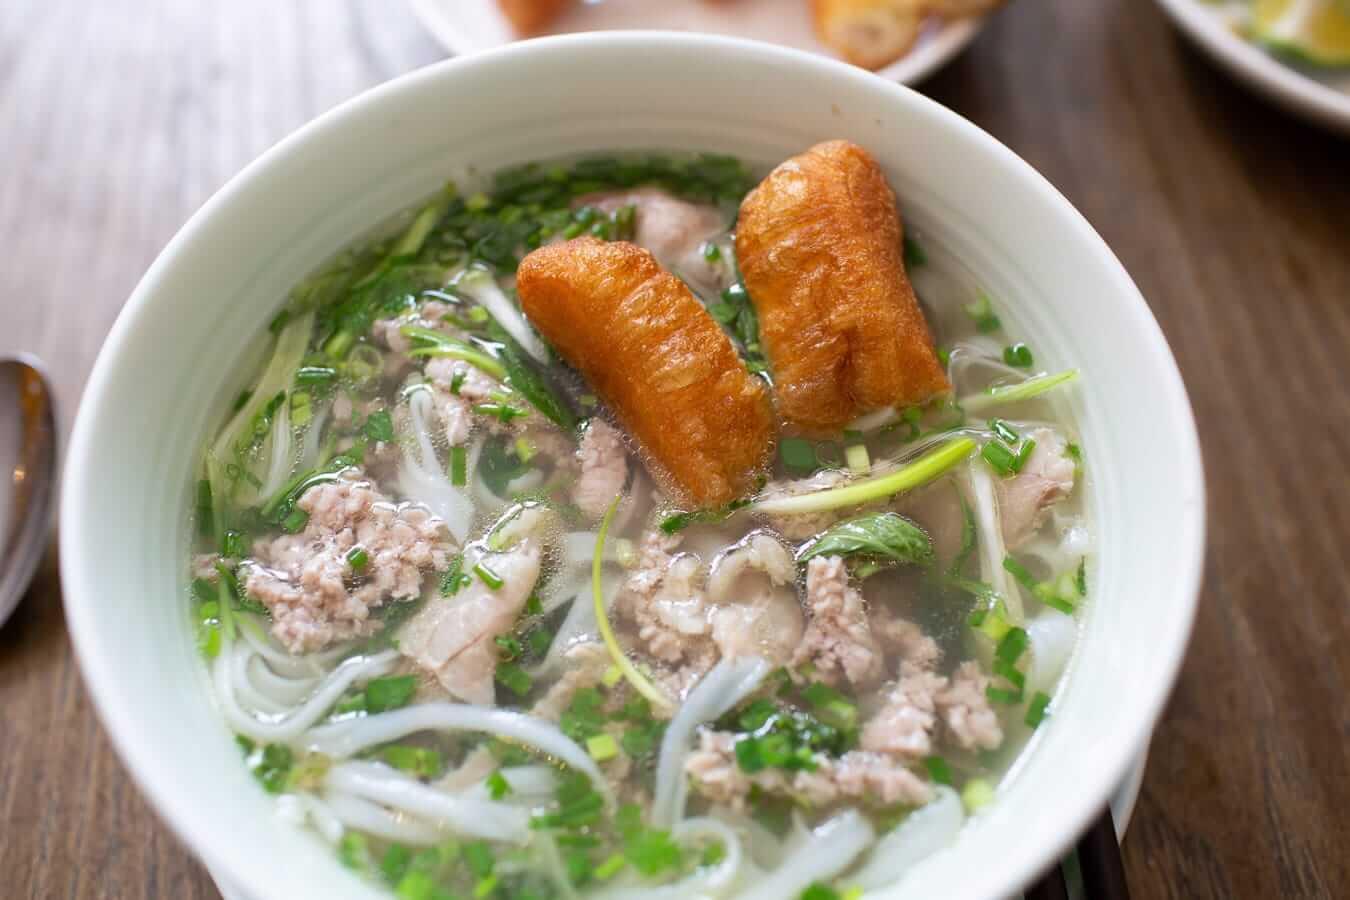 Sen Viet Restaurant: Best Pho in Hoi An